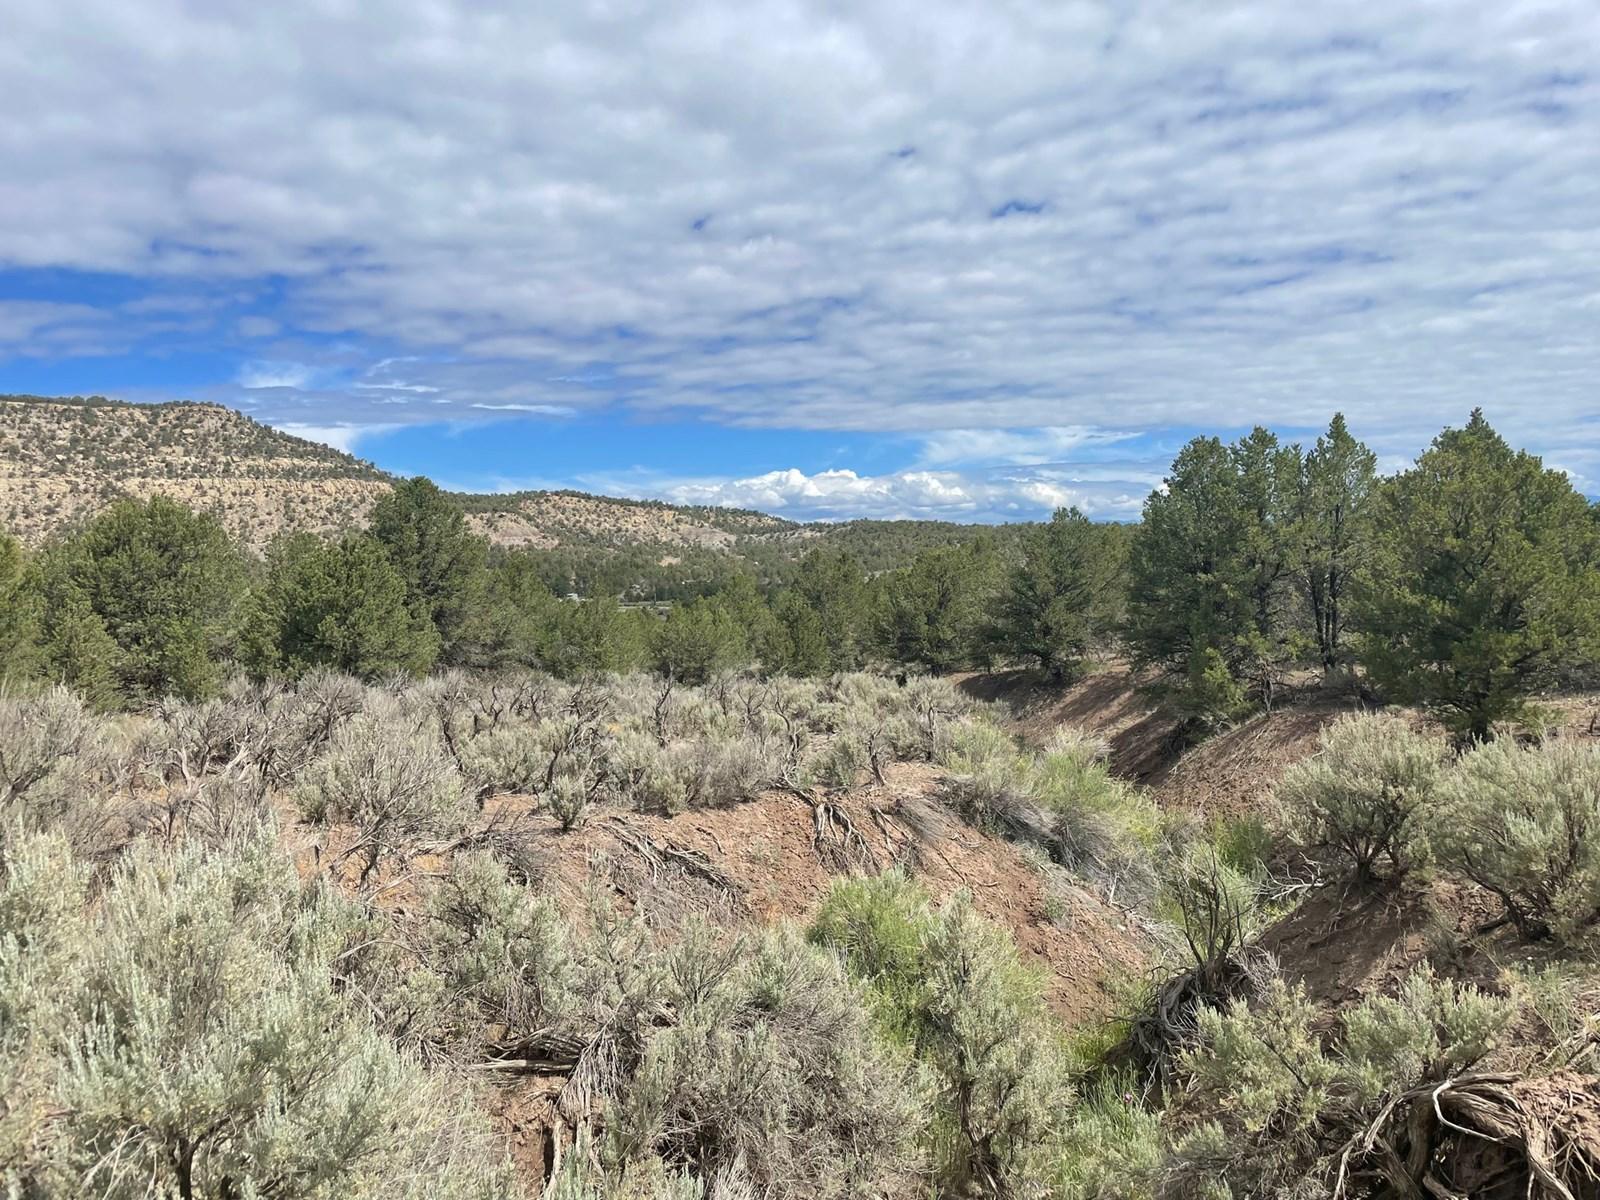 Off Grid Land For Sale in Ignacio, Colorado!